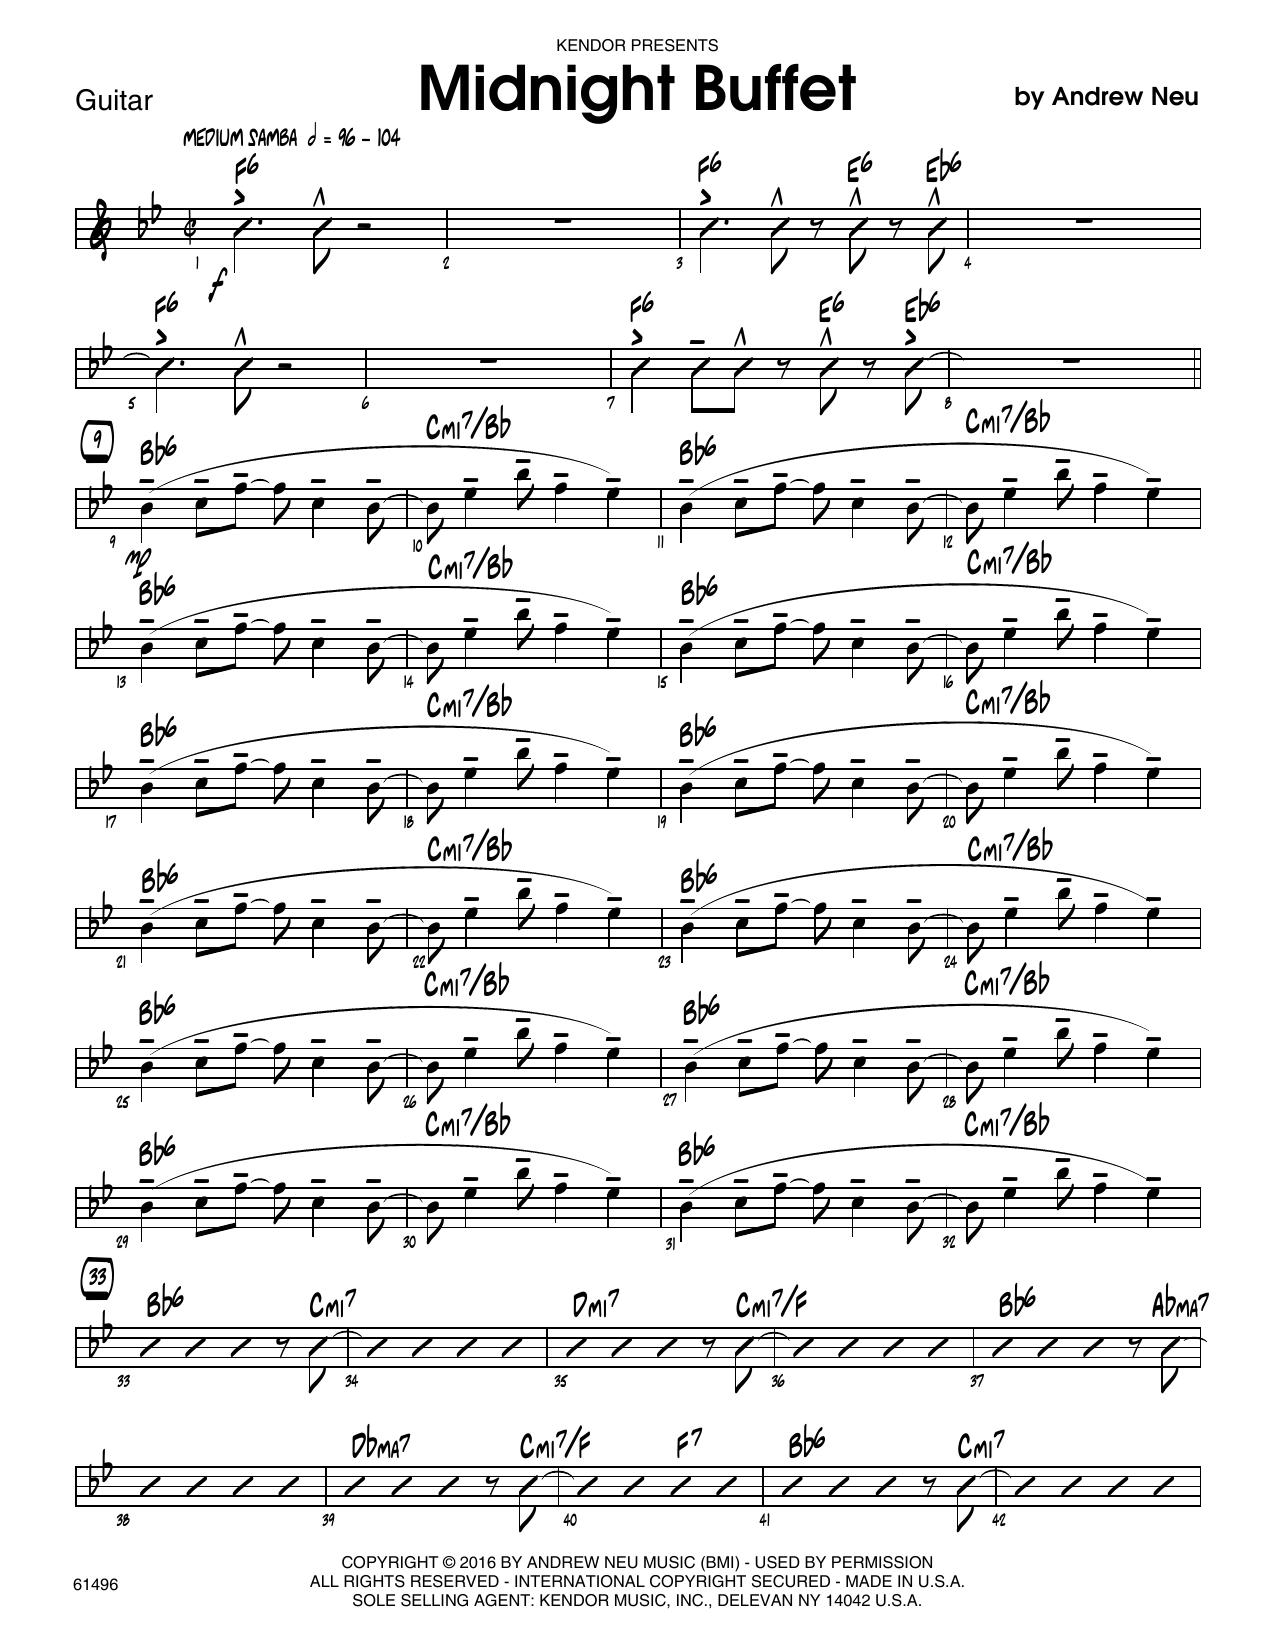 Midnight Buffet - Guitar Sheet Music